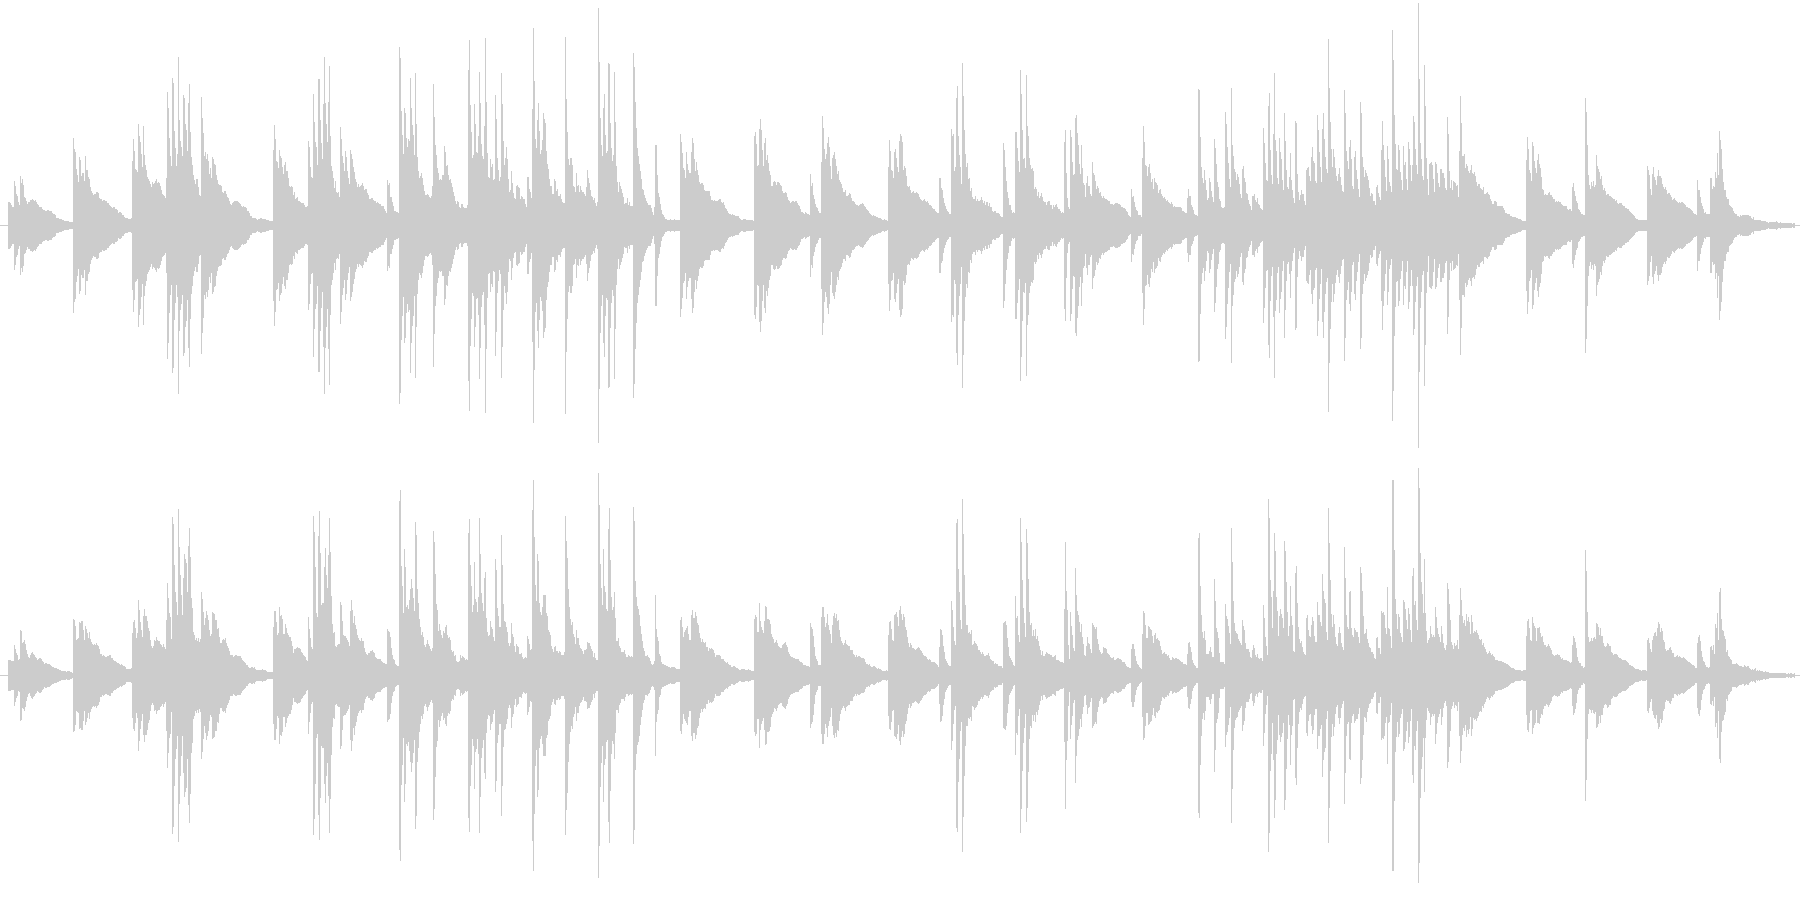 ぼーっと考えこむピアノ曲の未再生の波形